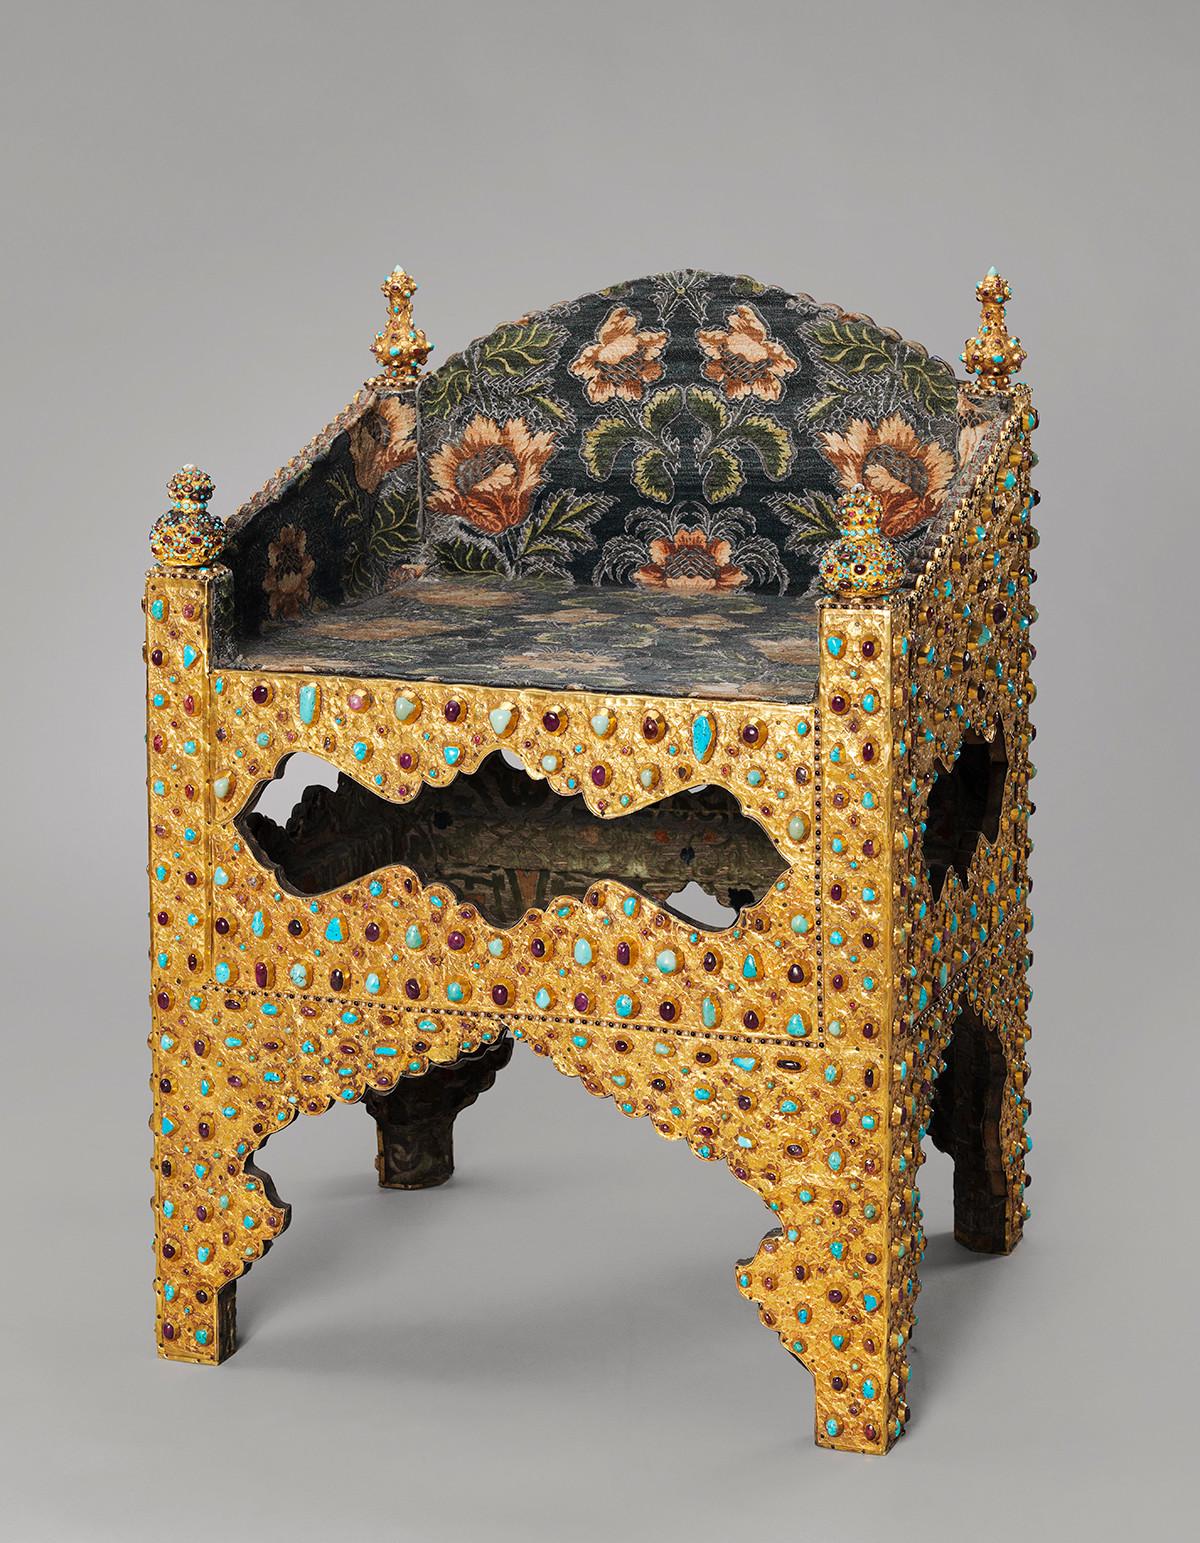 玉座、イランのシャー、アッバース1世が1604年にボリス・ゴドゥノフに贈ったもの、16世紀末~17世紀初め